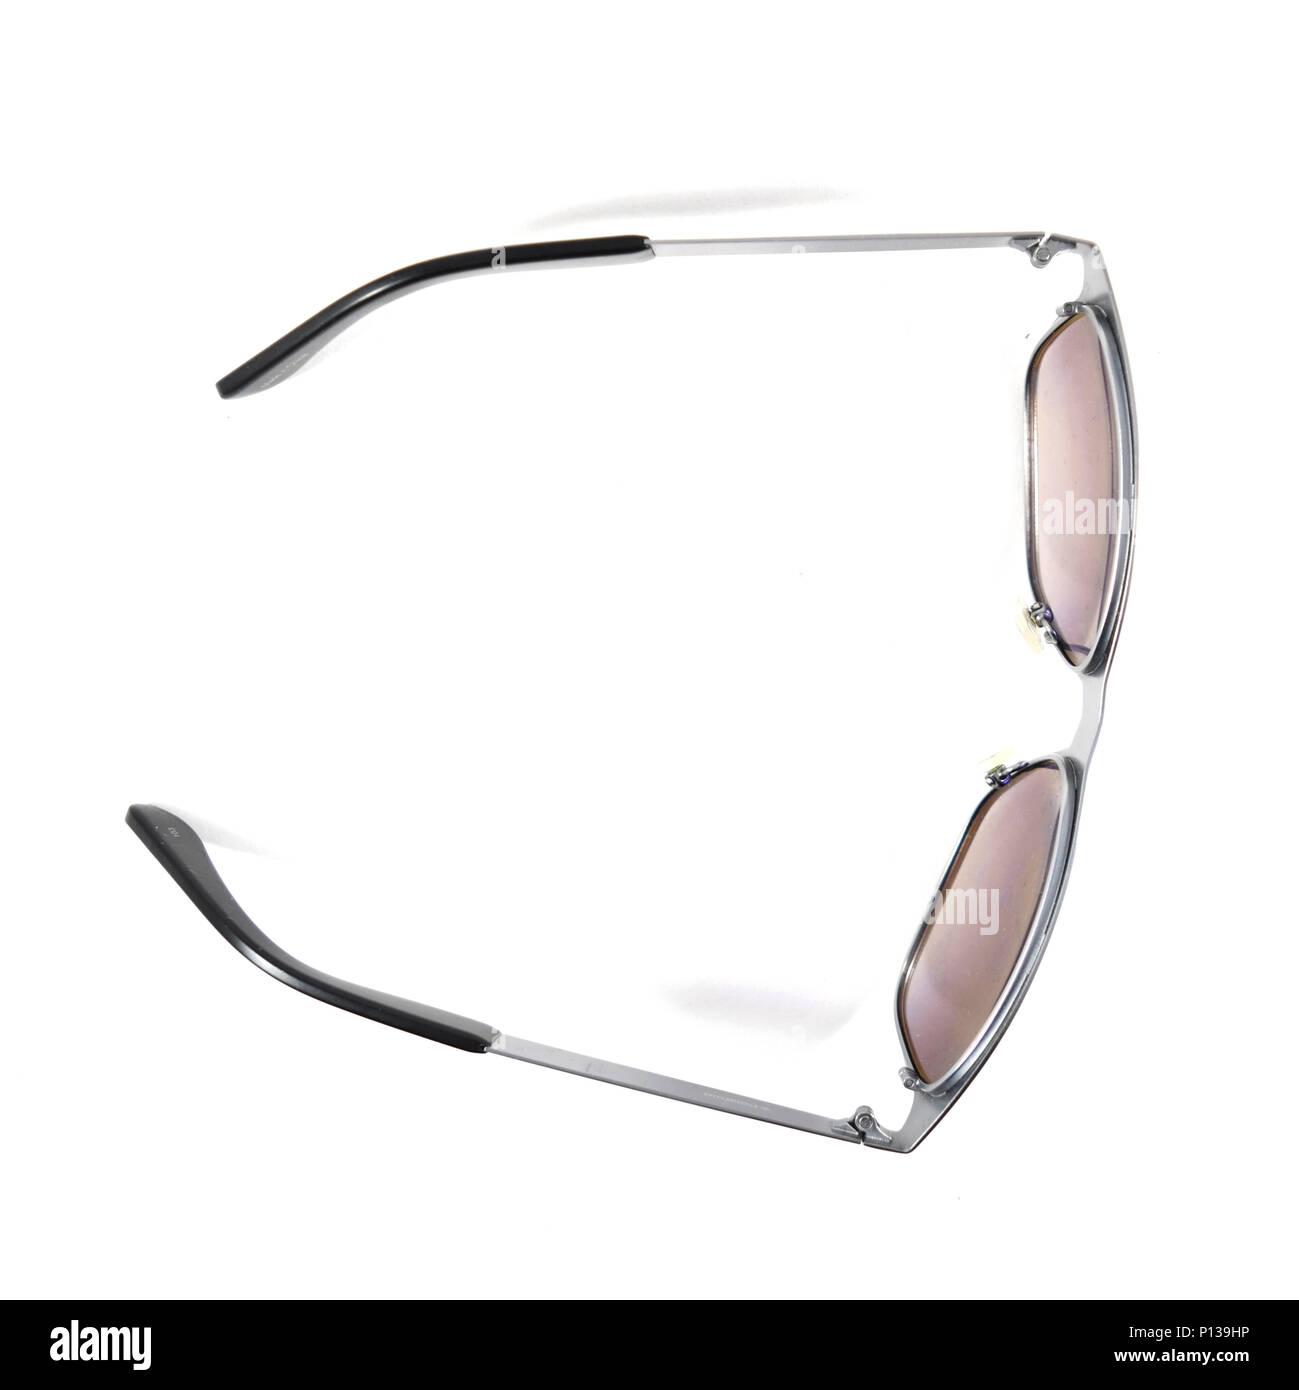 différemment expédition de baisse meilleur prix Une paire de lunettes de soleil polarisées - isolé Banque D ...